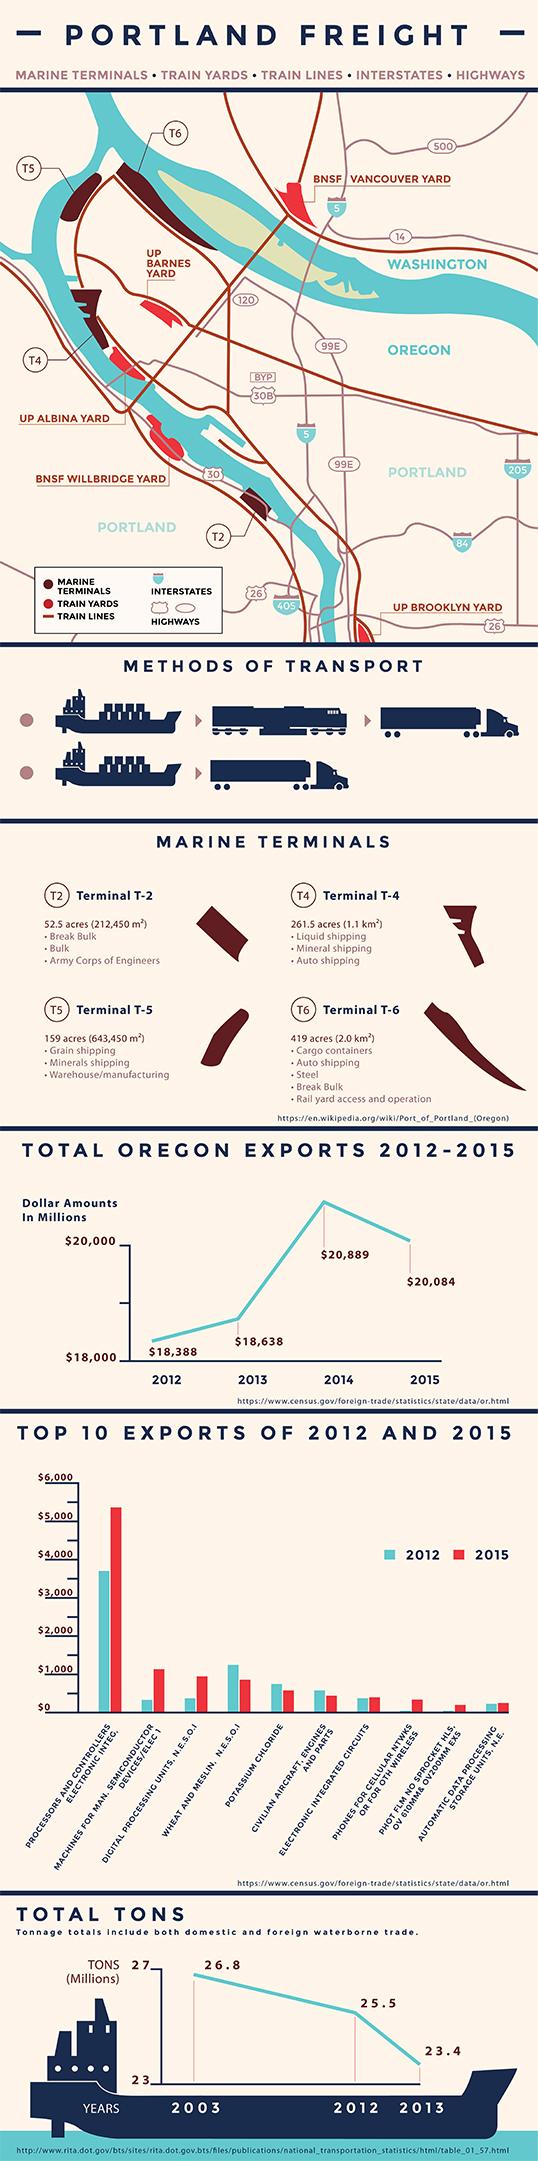 portland-marine-terminals-1-ffinal-01-01.jpg